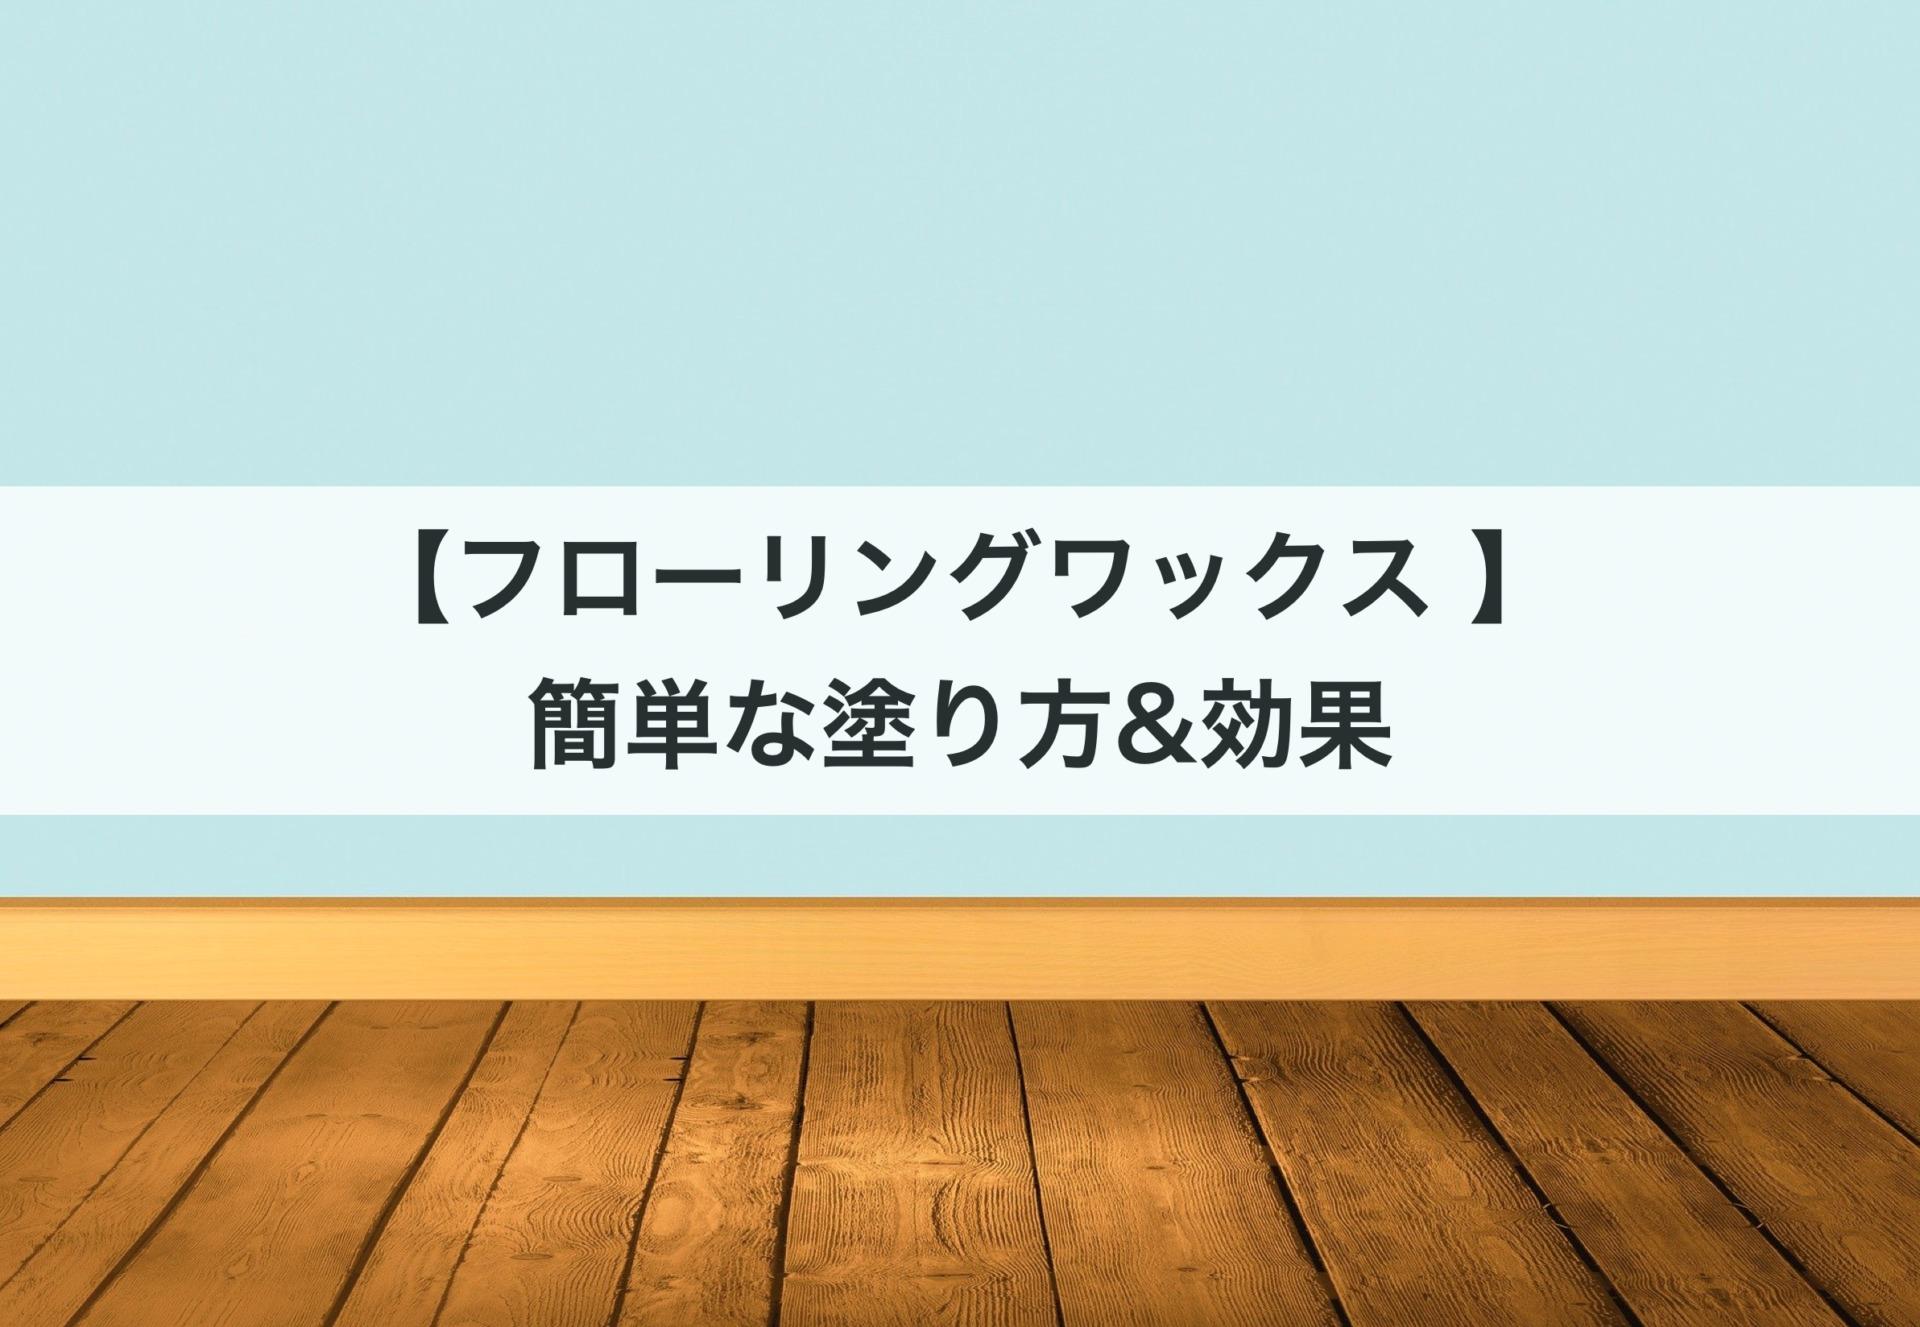 フローリングワックスの簡単な塗り方|床ワックスがけの効果やメリットも紹介!